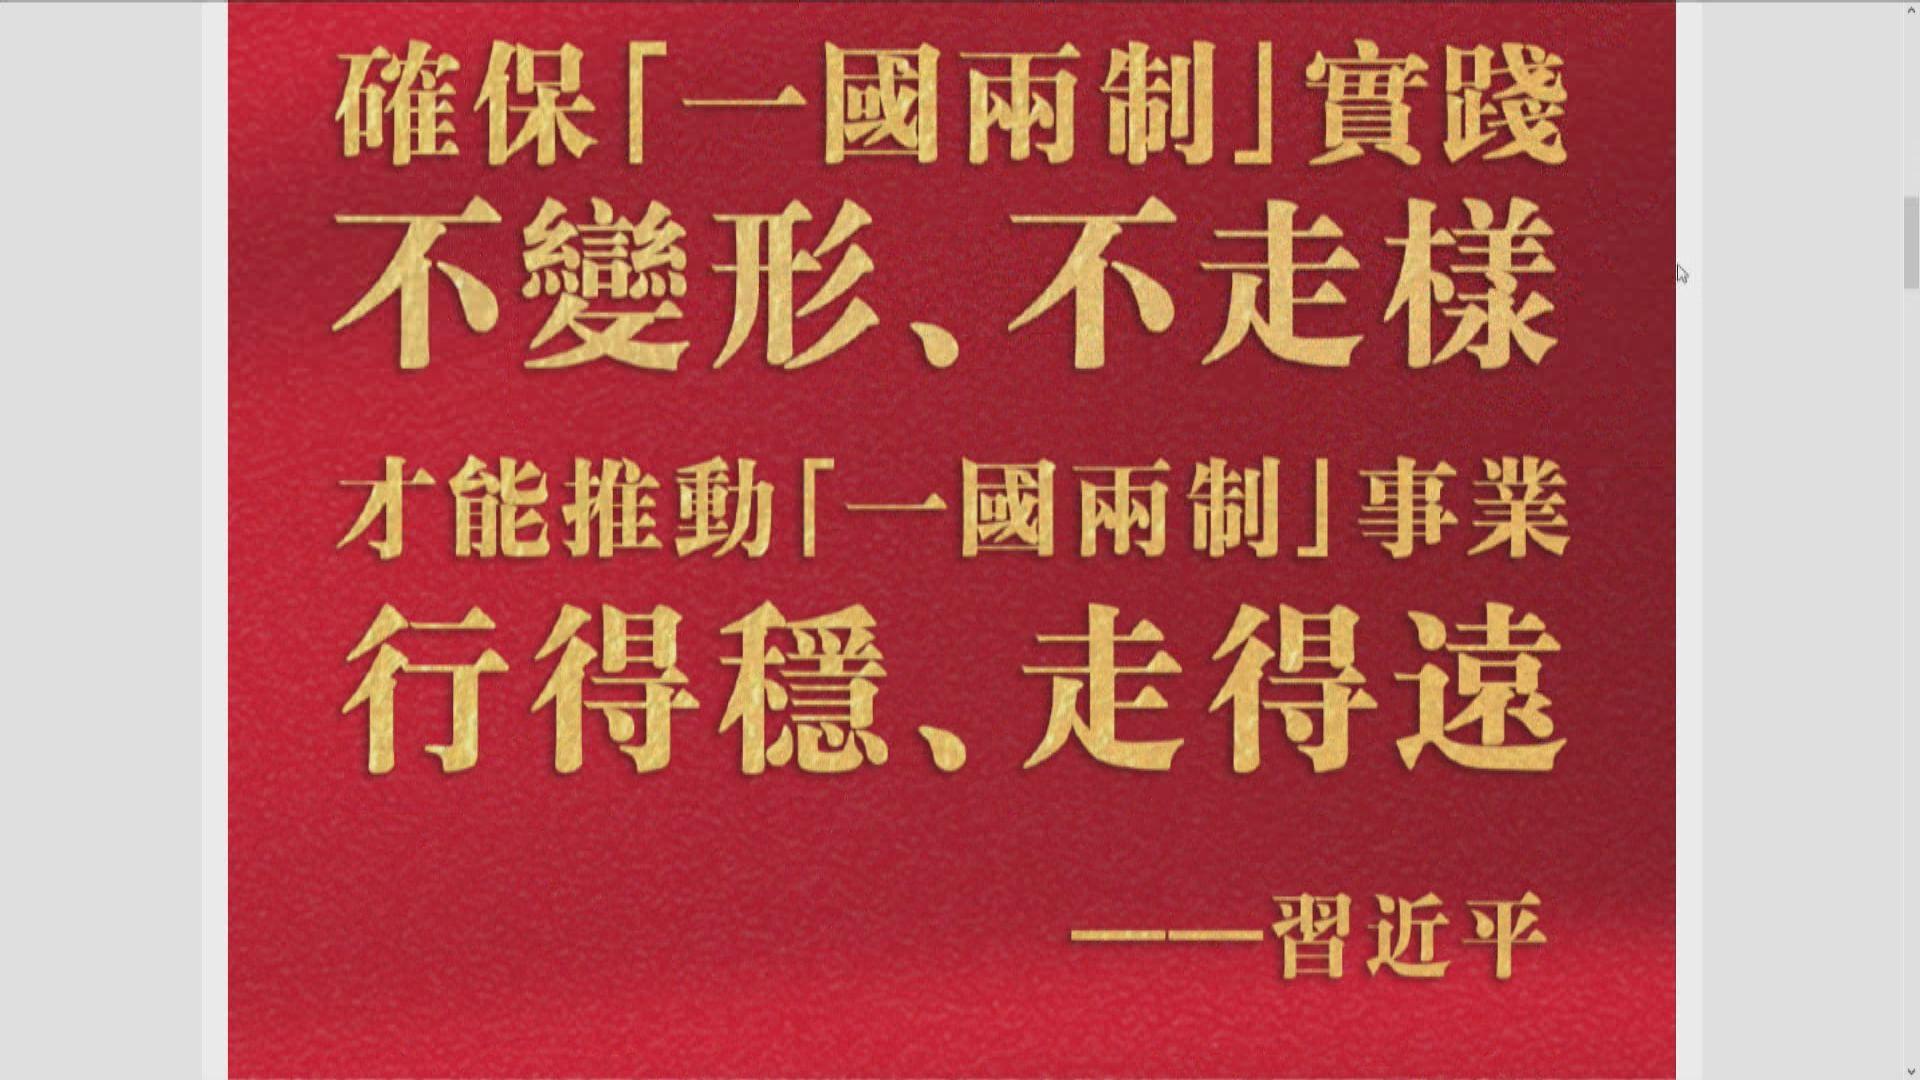 人民日報文章:特區管治團隊應自覺維護中央權威